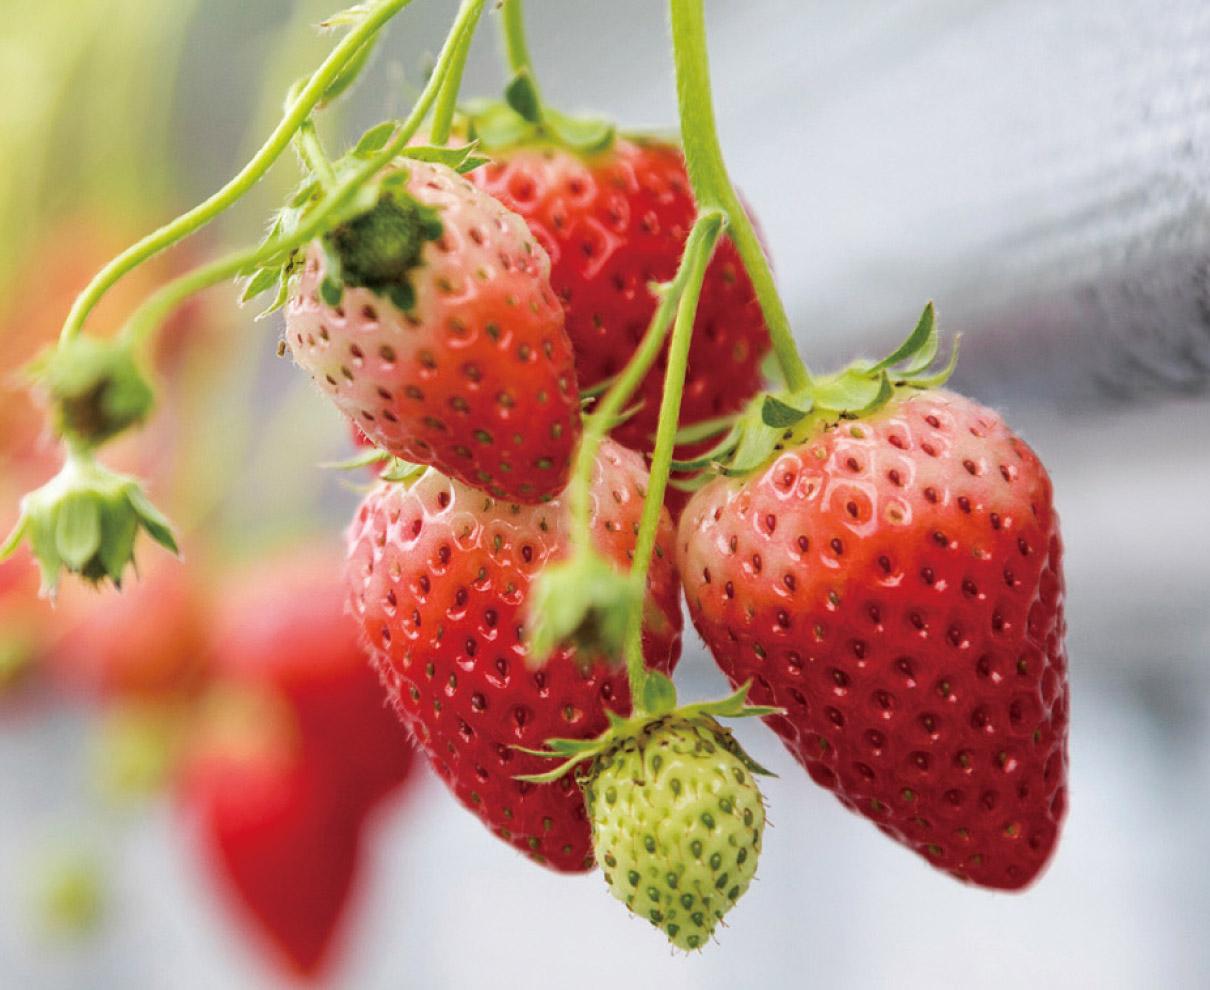 こだわりの土で育てた 甘く香り高いイチゴを摘みたてで!|Noraいちご園